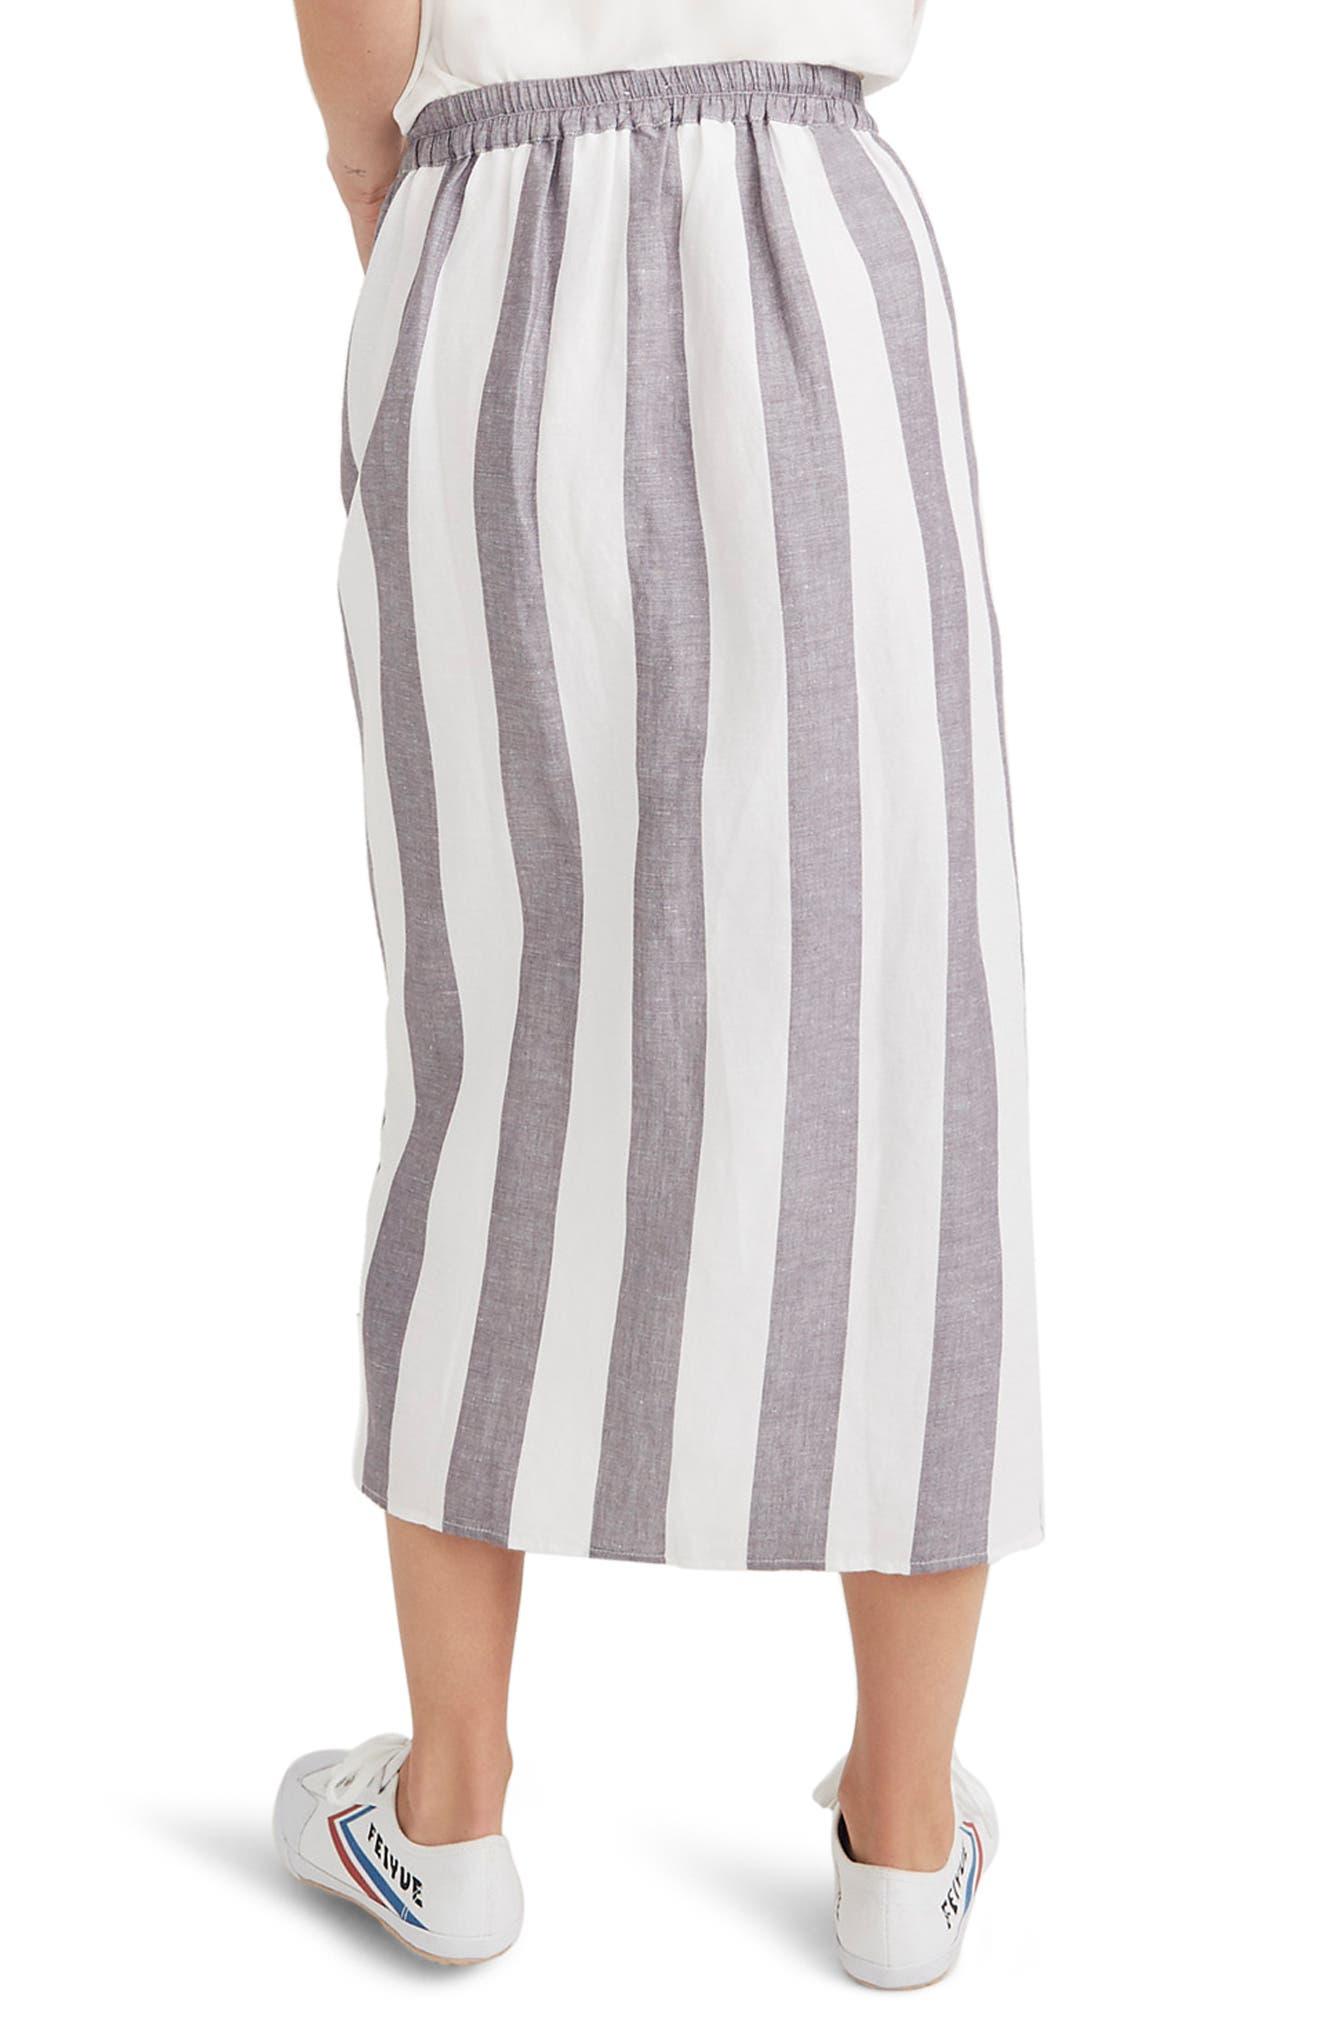 Stripe Overlay Skirt,                             Alternate thumbnail 2, color,                             020